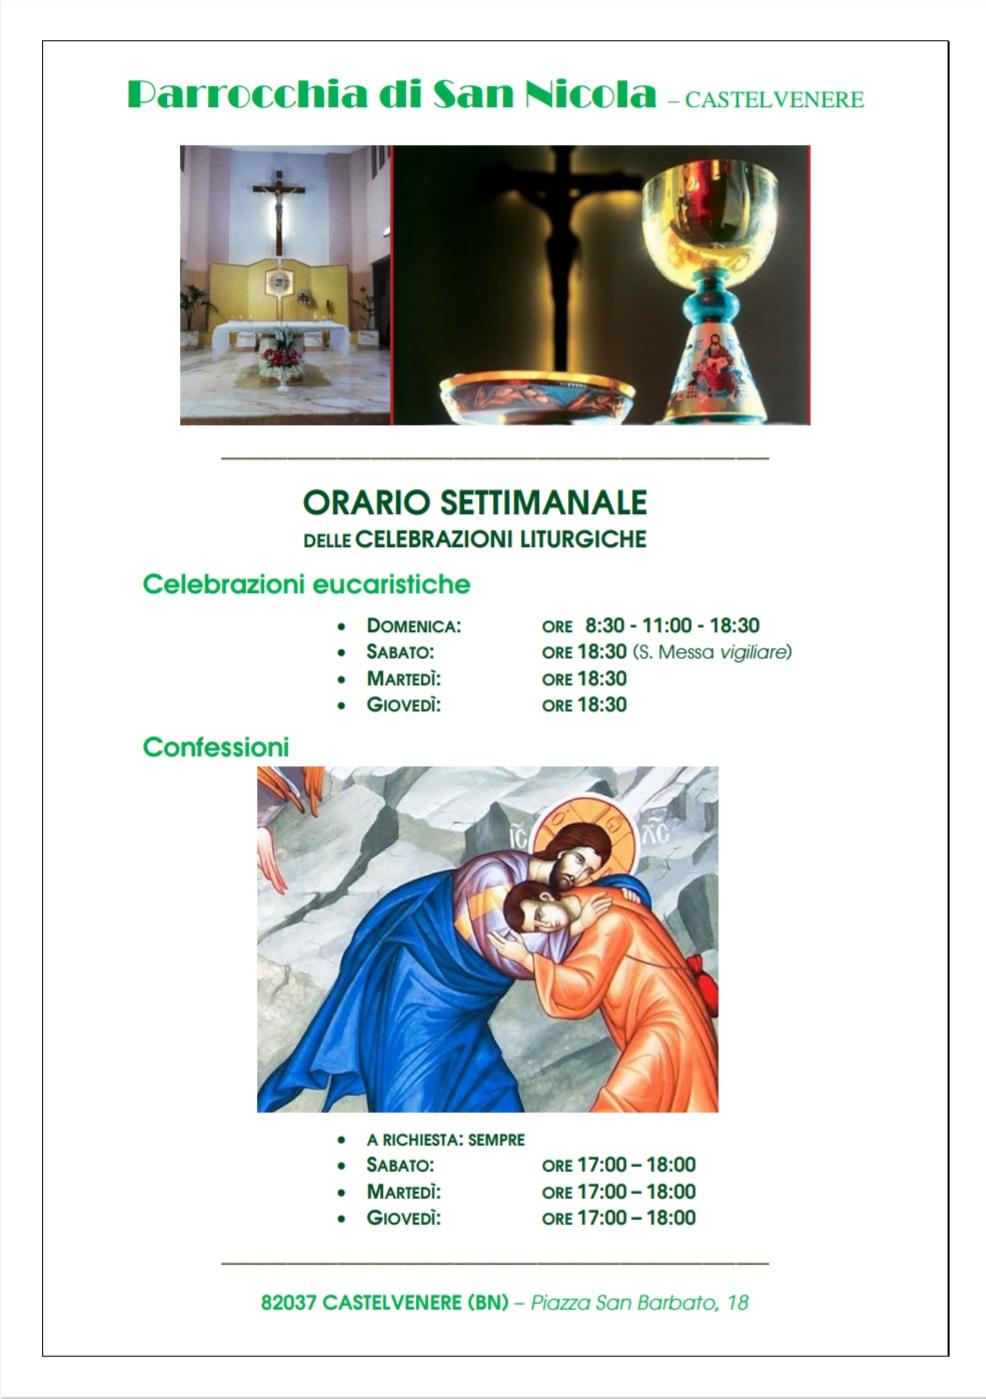 Orario settimanale delle Celebrazioni Liturgiche